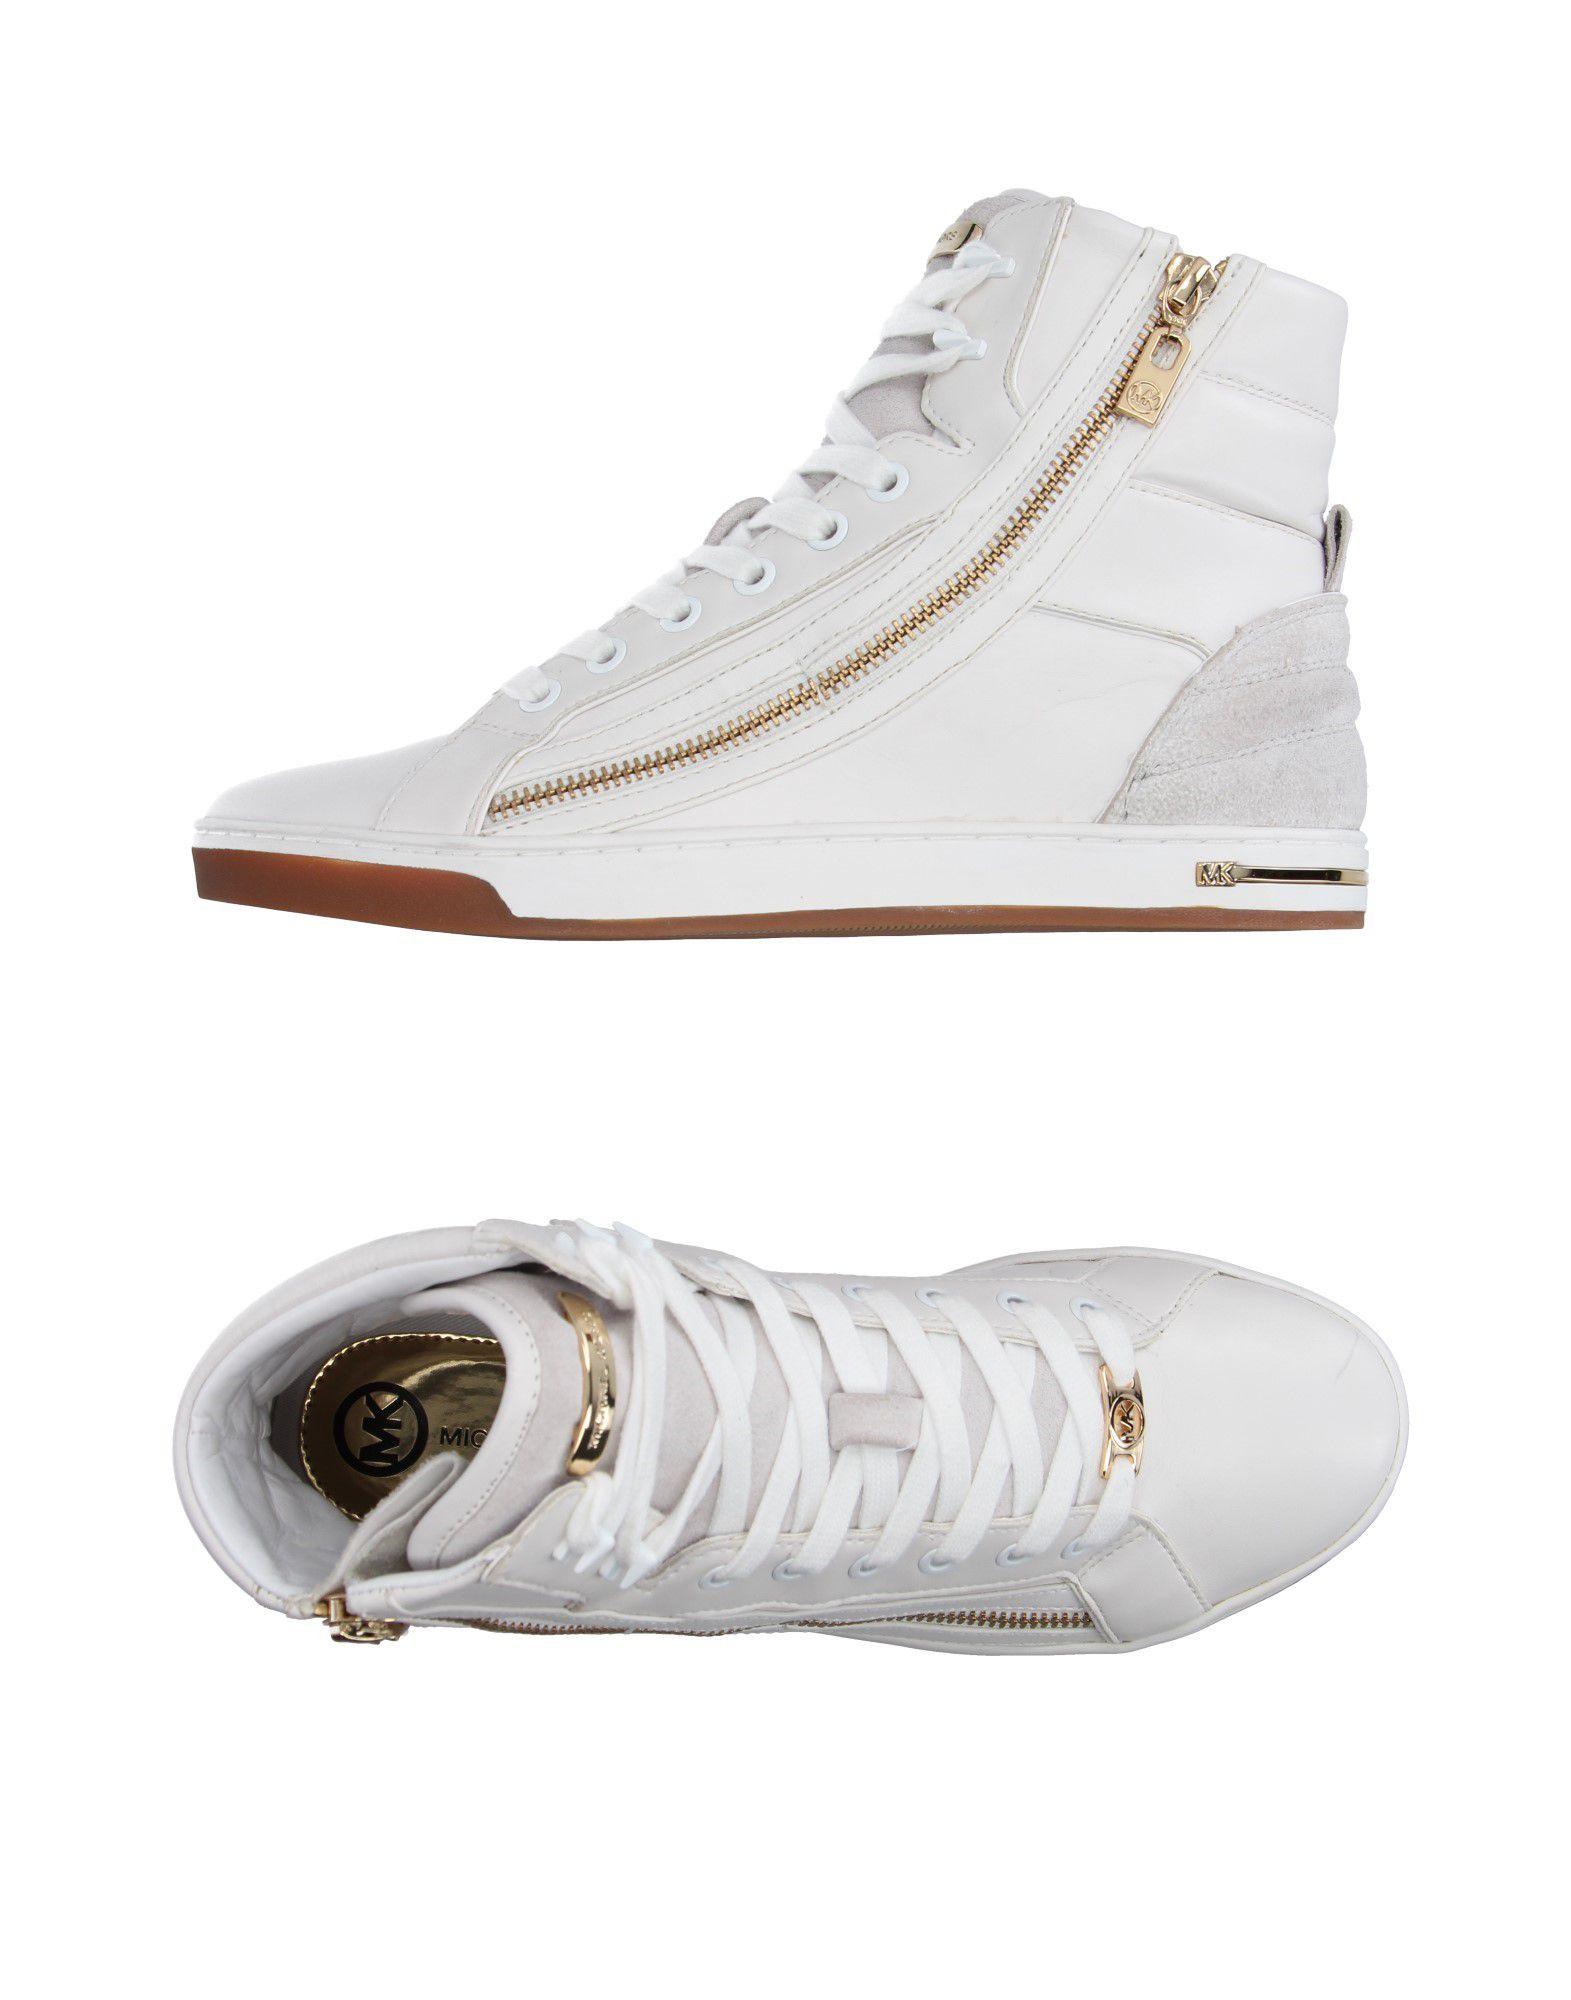 michael kors female michael kors sneakers